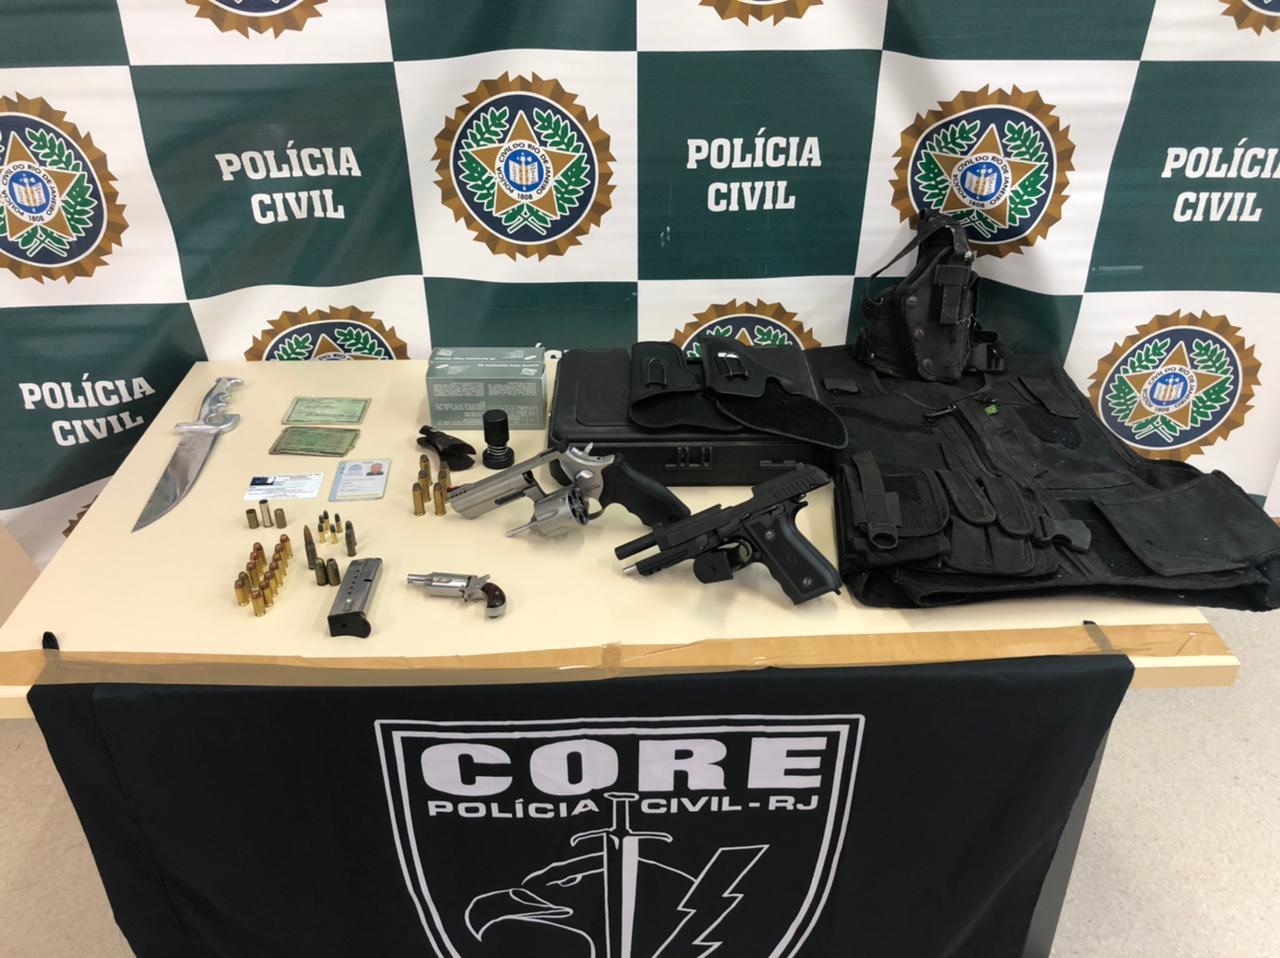 Imagem de drogas e armas em uma mesa